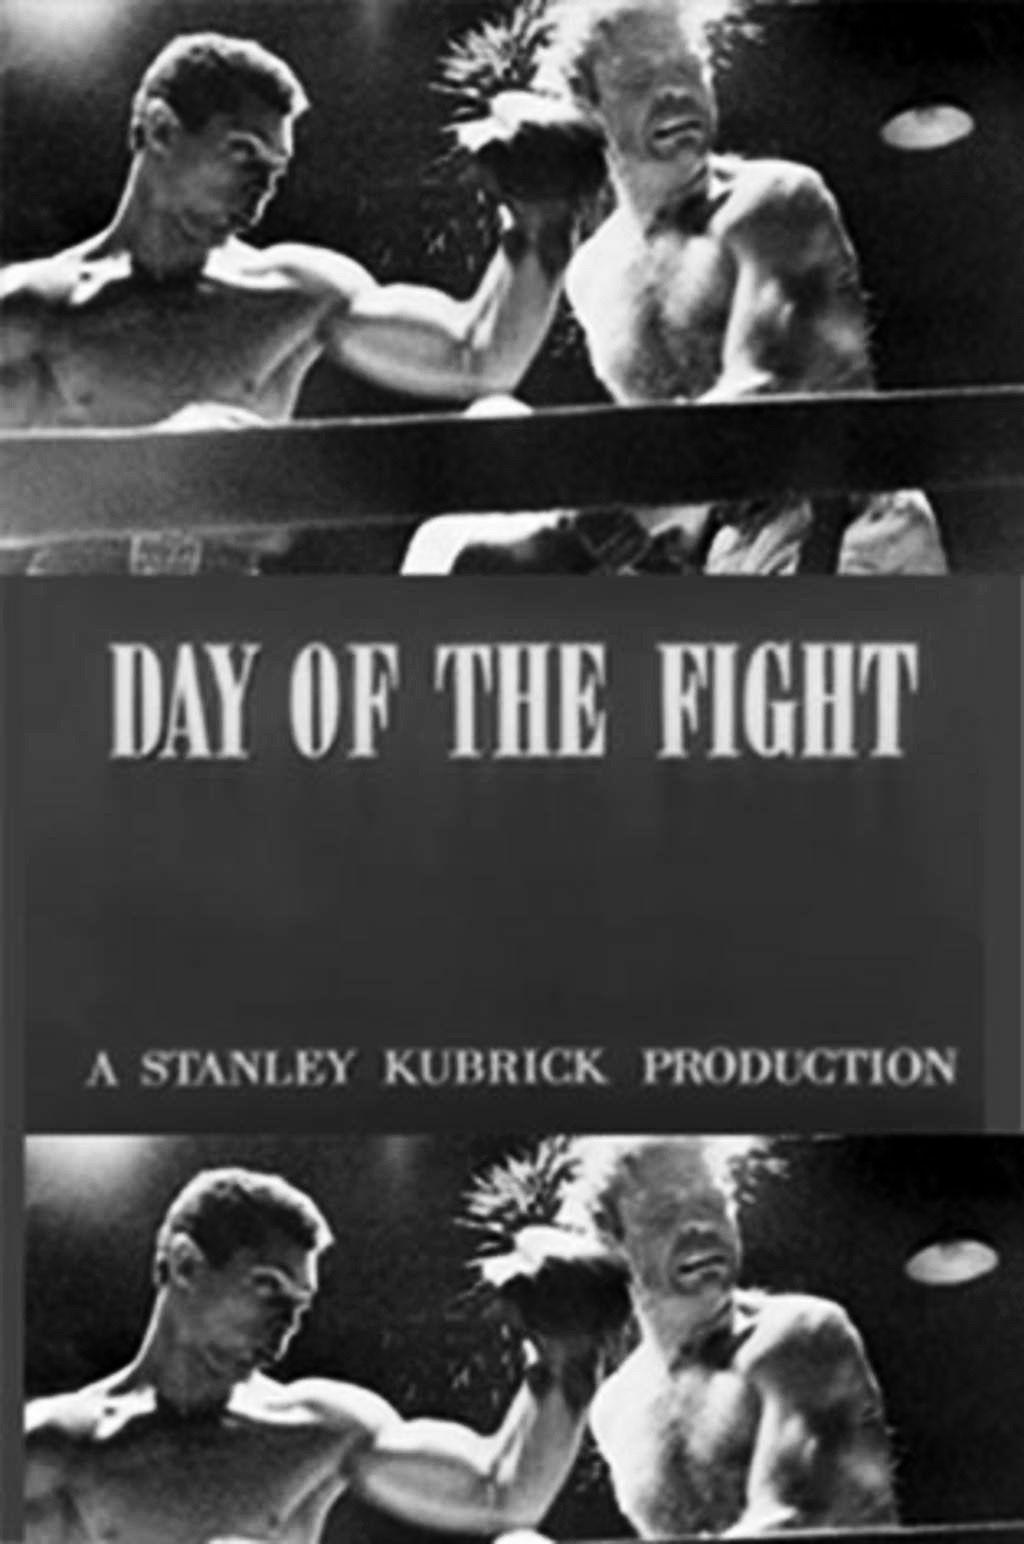 Day of the Fight, el primer cortometraje de Stanley Kubrick demuestra ya su obsesión por el detalle. #Recomendado